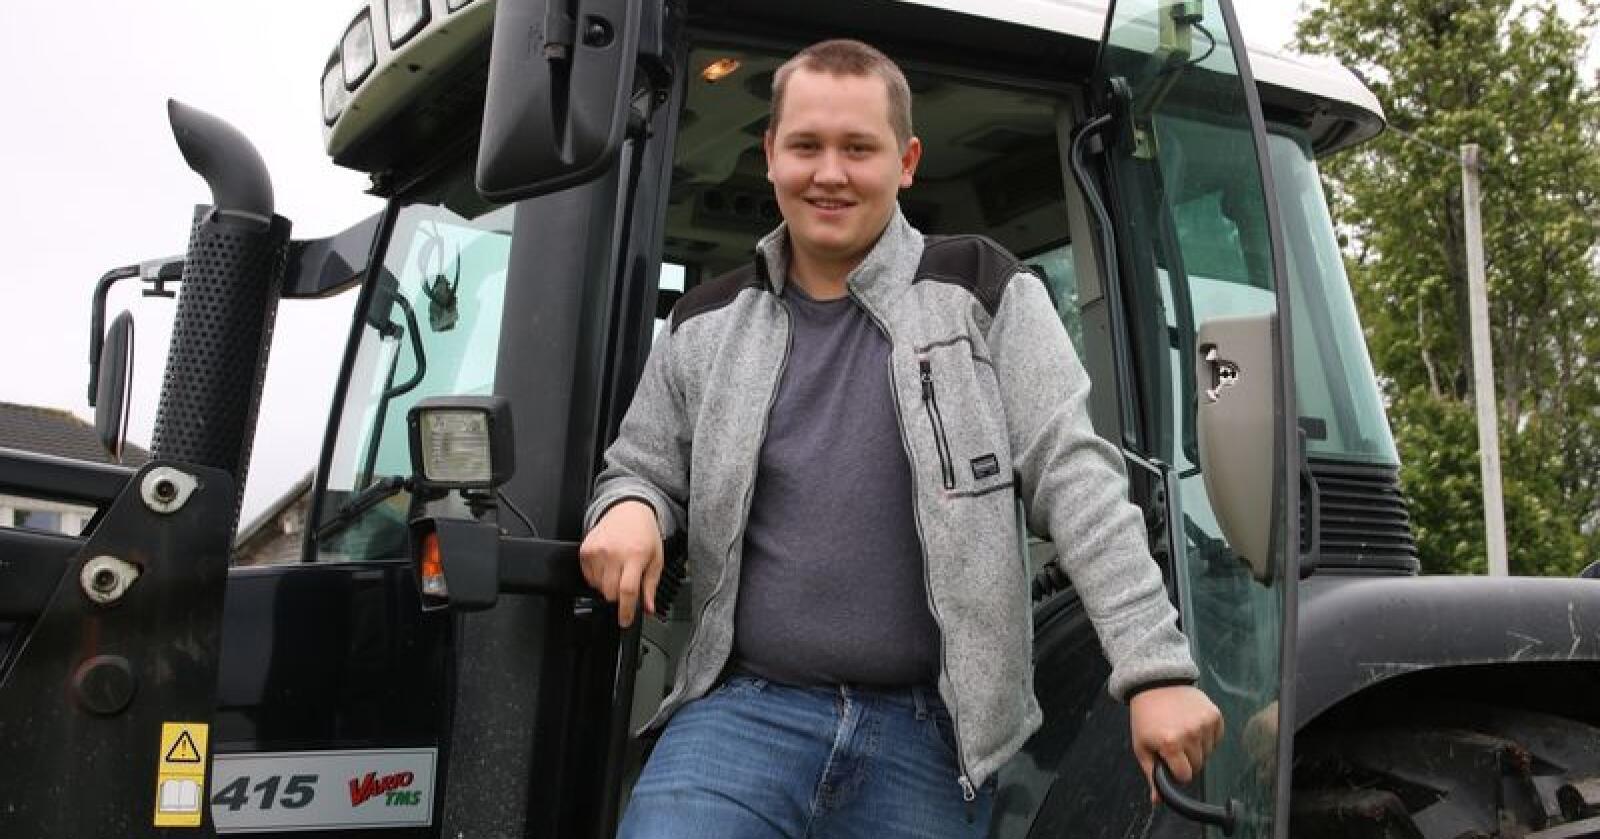 Maskinkunnskap: Geir Arthur Toftø er utdannet både som maskinfører og agronom, og maskinkompetansen kommer til nytte i arbeidet på gården. (Foto: Lars Olav Haug)